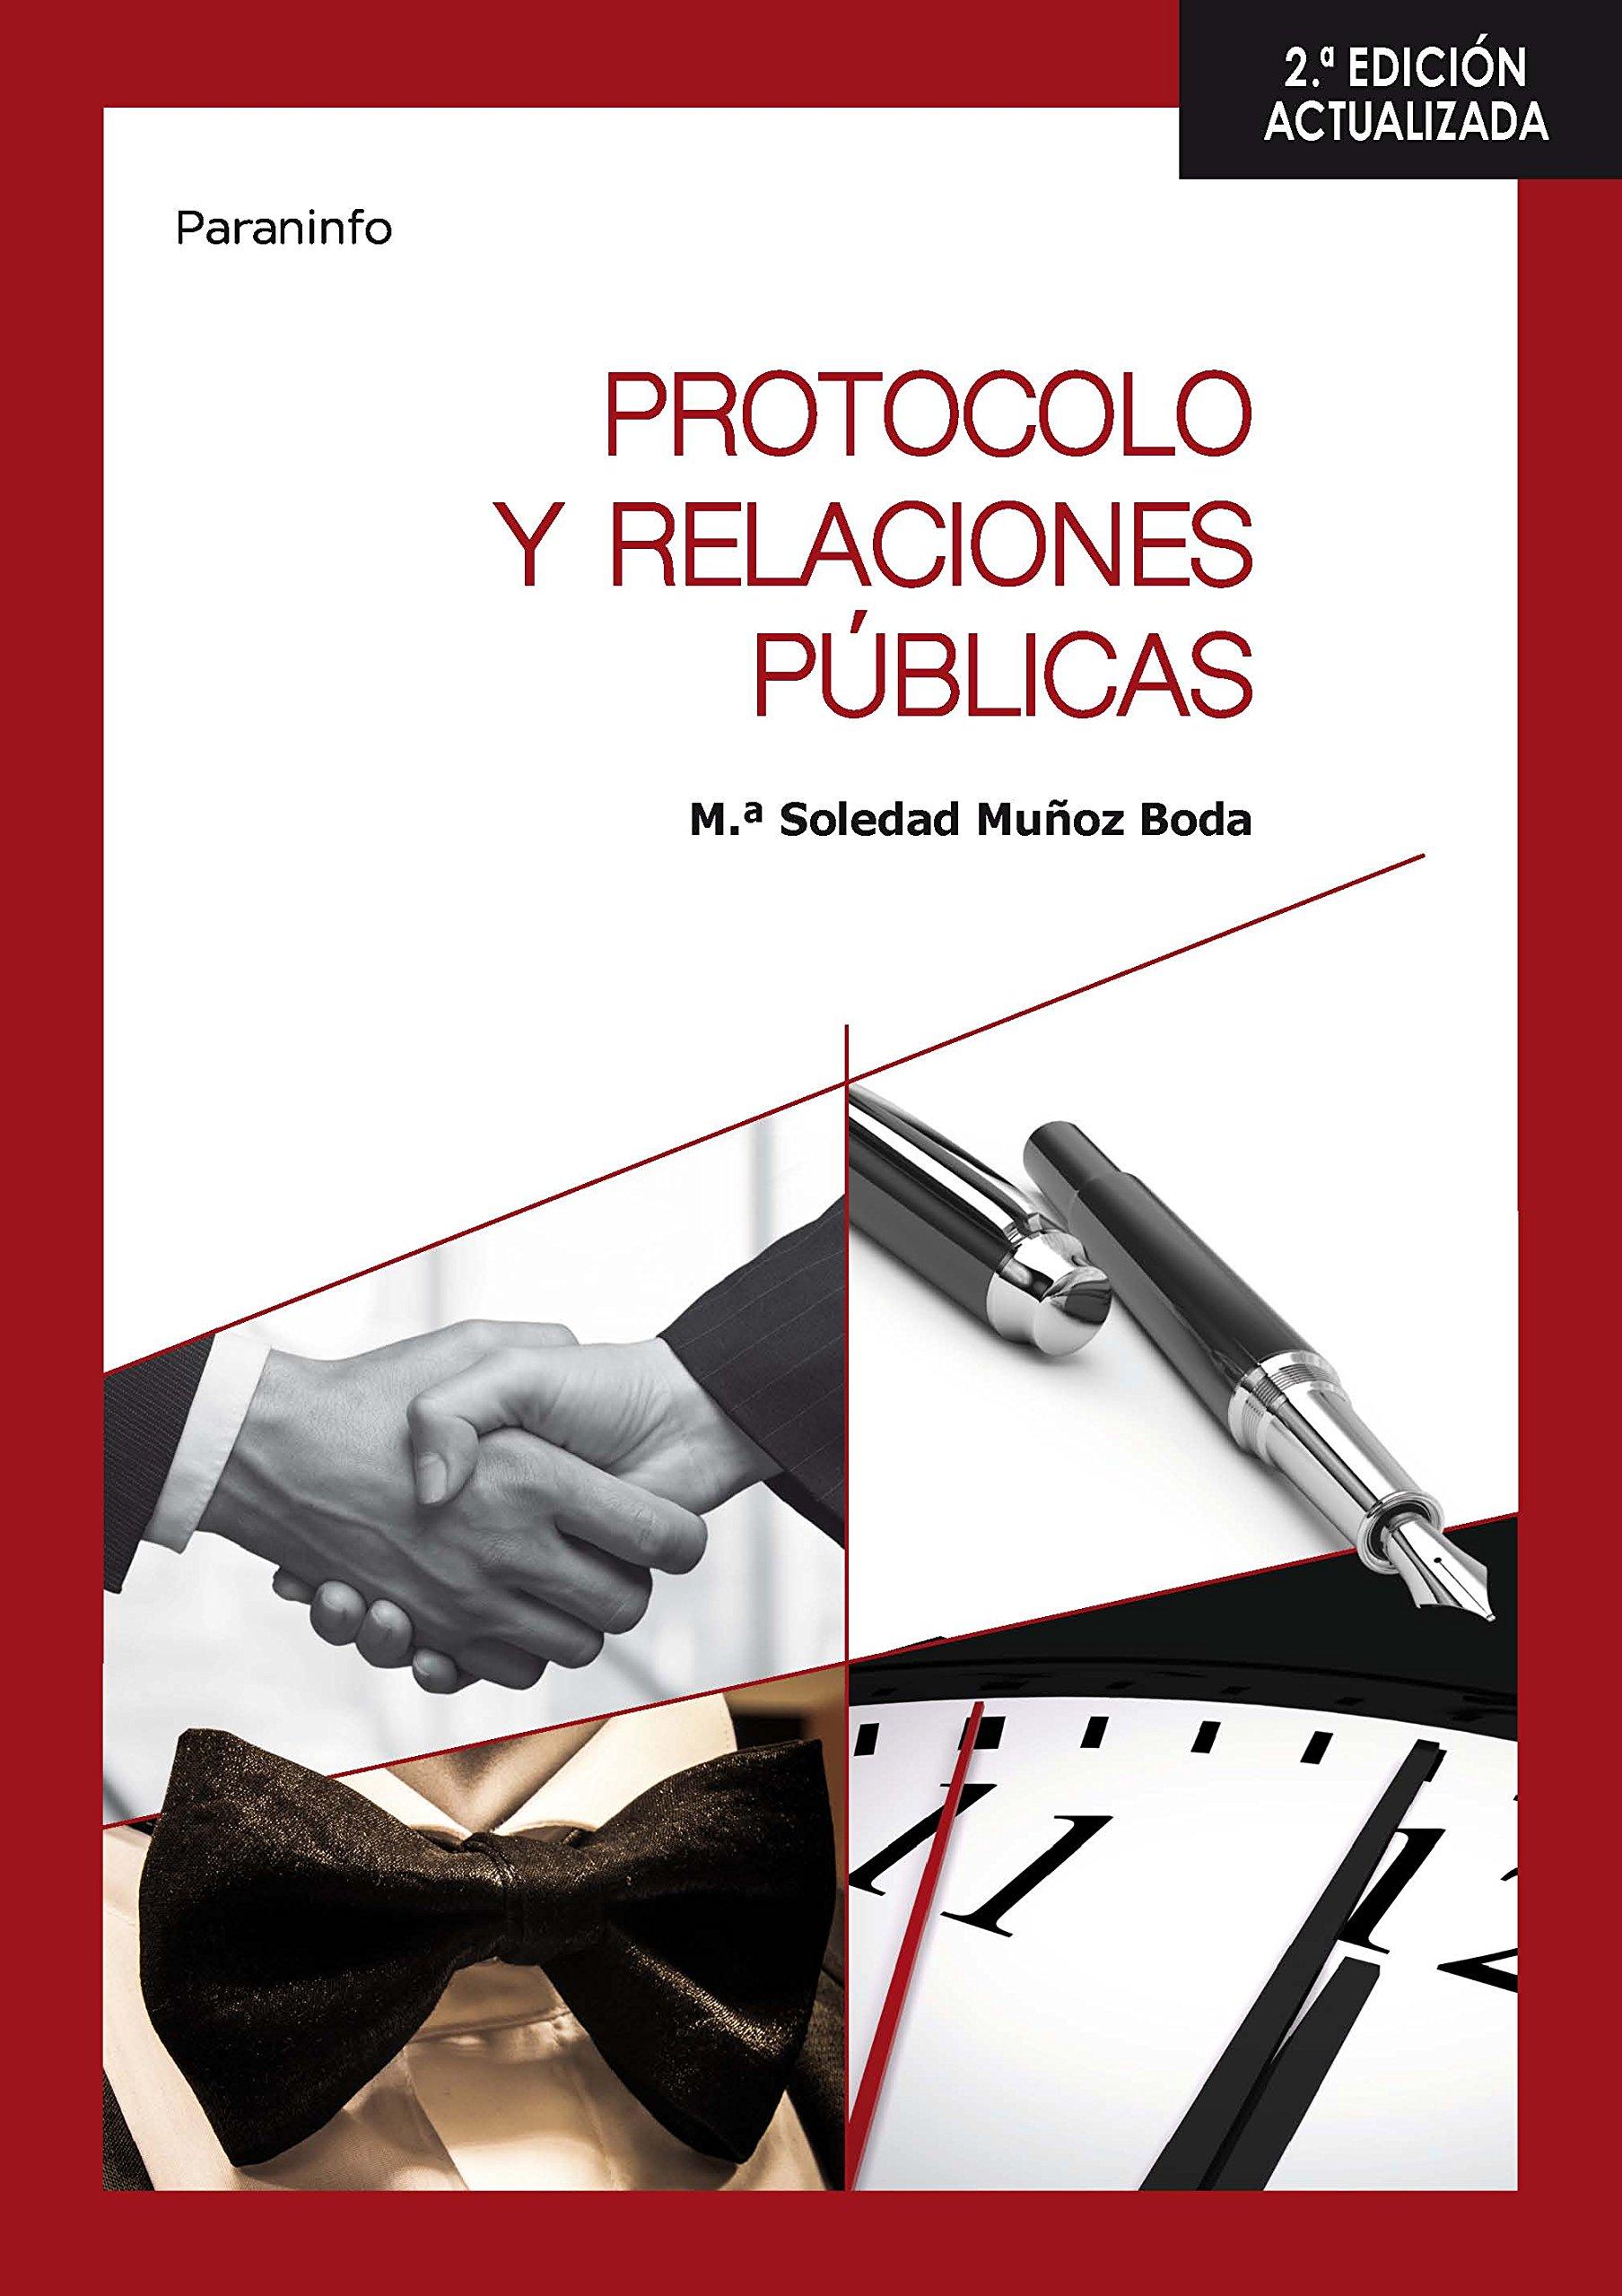 Protocolo y relaciones públicas 2.ª edición Tapa blanda – 22 feb 2016 MARÍA SOLEDAD MUÑOZ BODA Ediciones Paraninfo S.A 8428338515